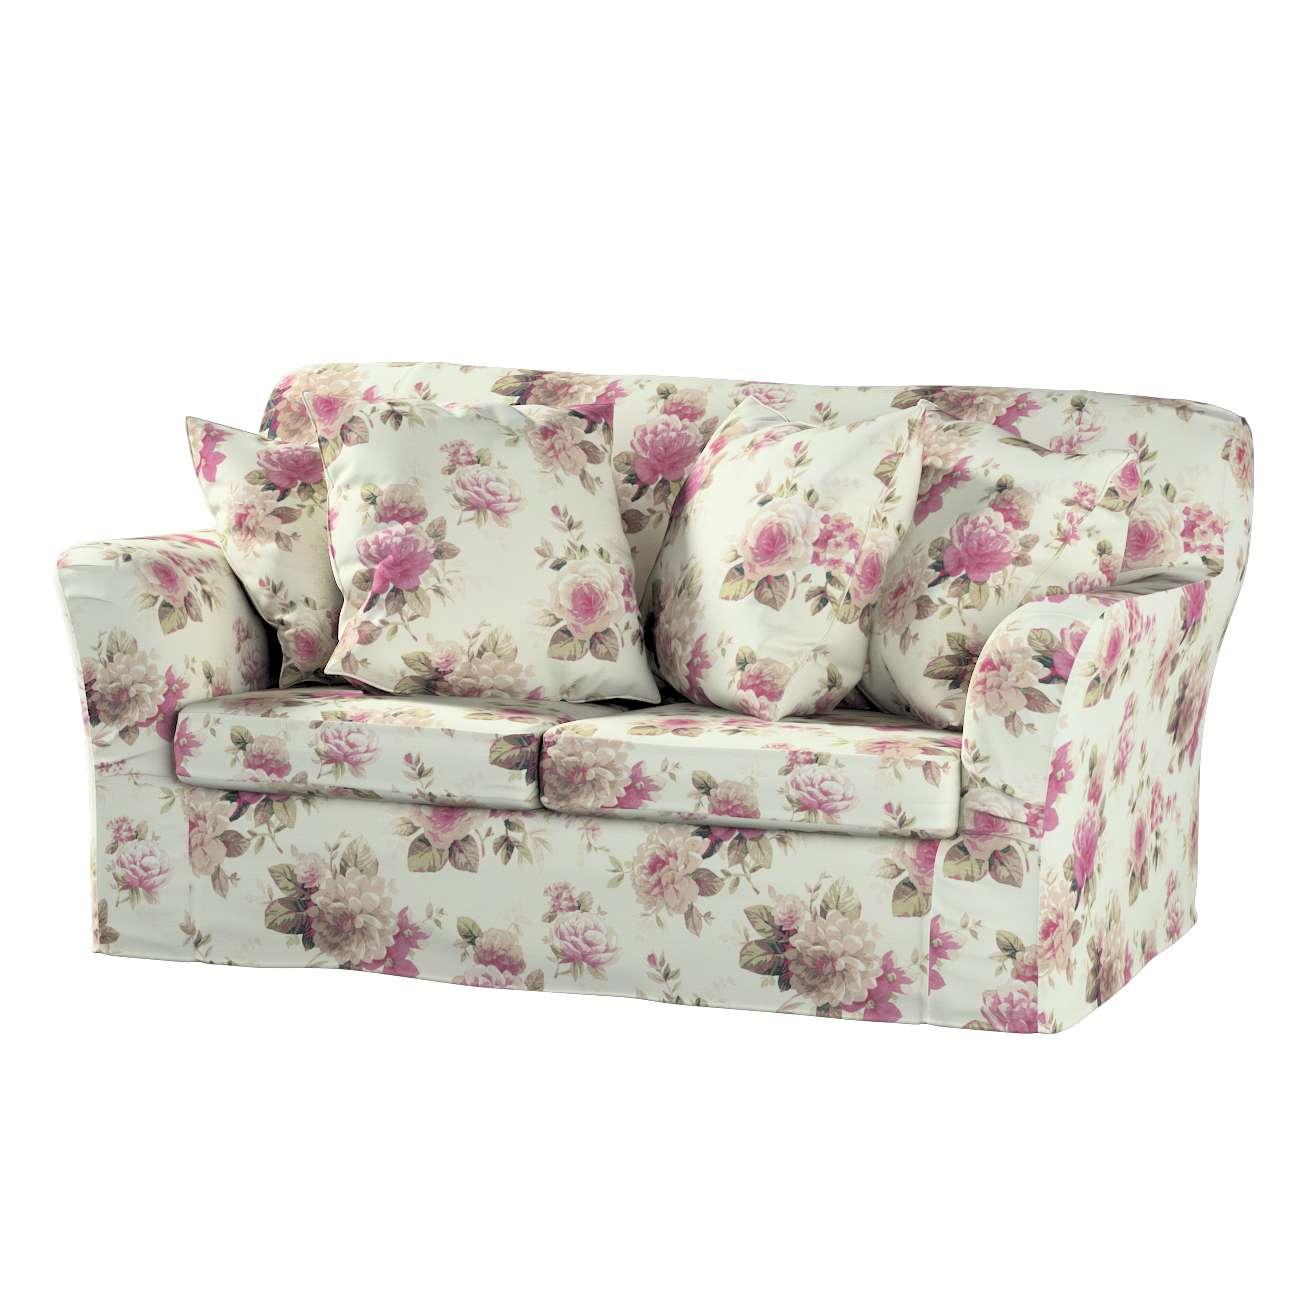 Tomelilla 2-seater sofa cover Tomelilla 2-seat sofa in collection Mirella, fabric: 141-07